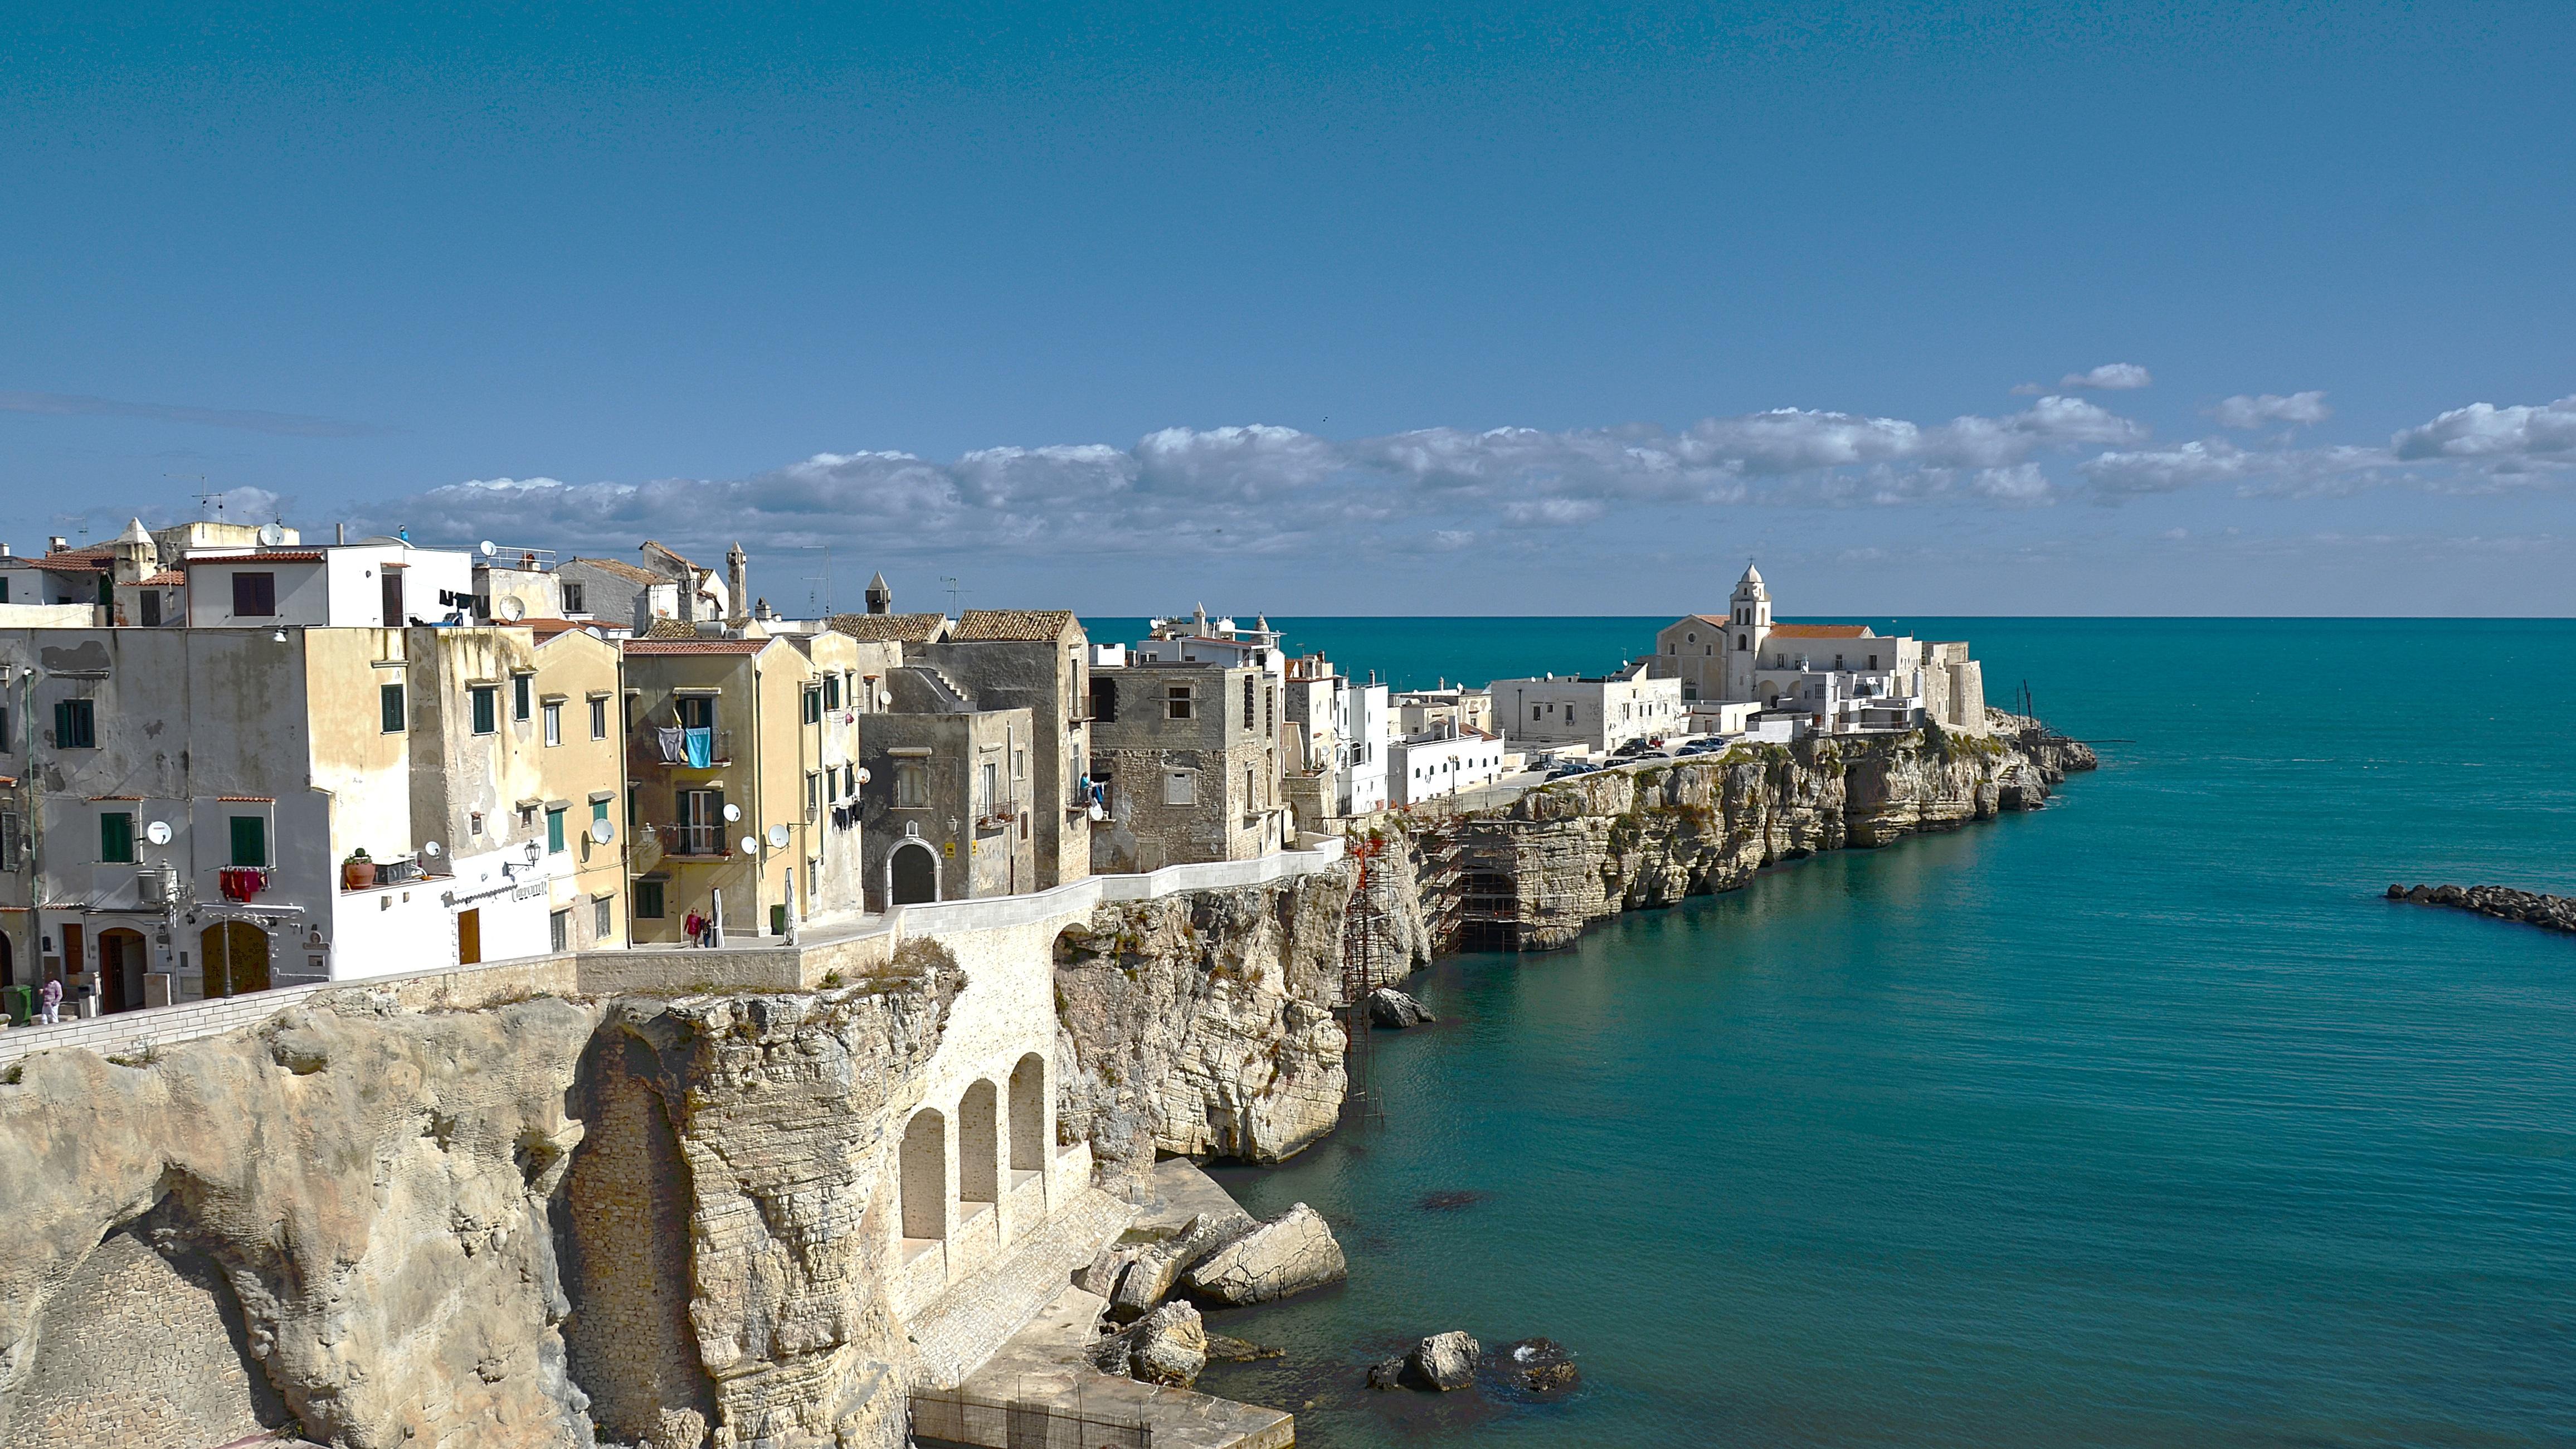 Apulien, Italiens ukendte støvlehæl, Kulturoplevelser, kulinariske traditioner, særegen atmosfære